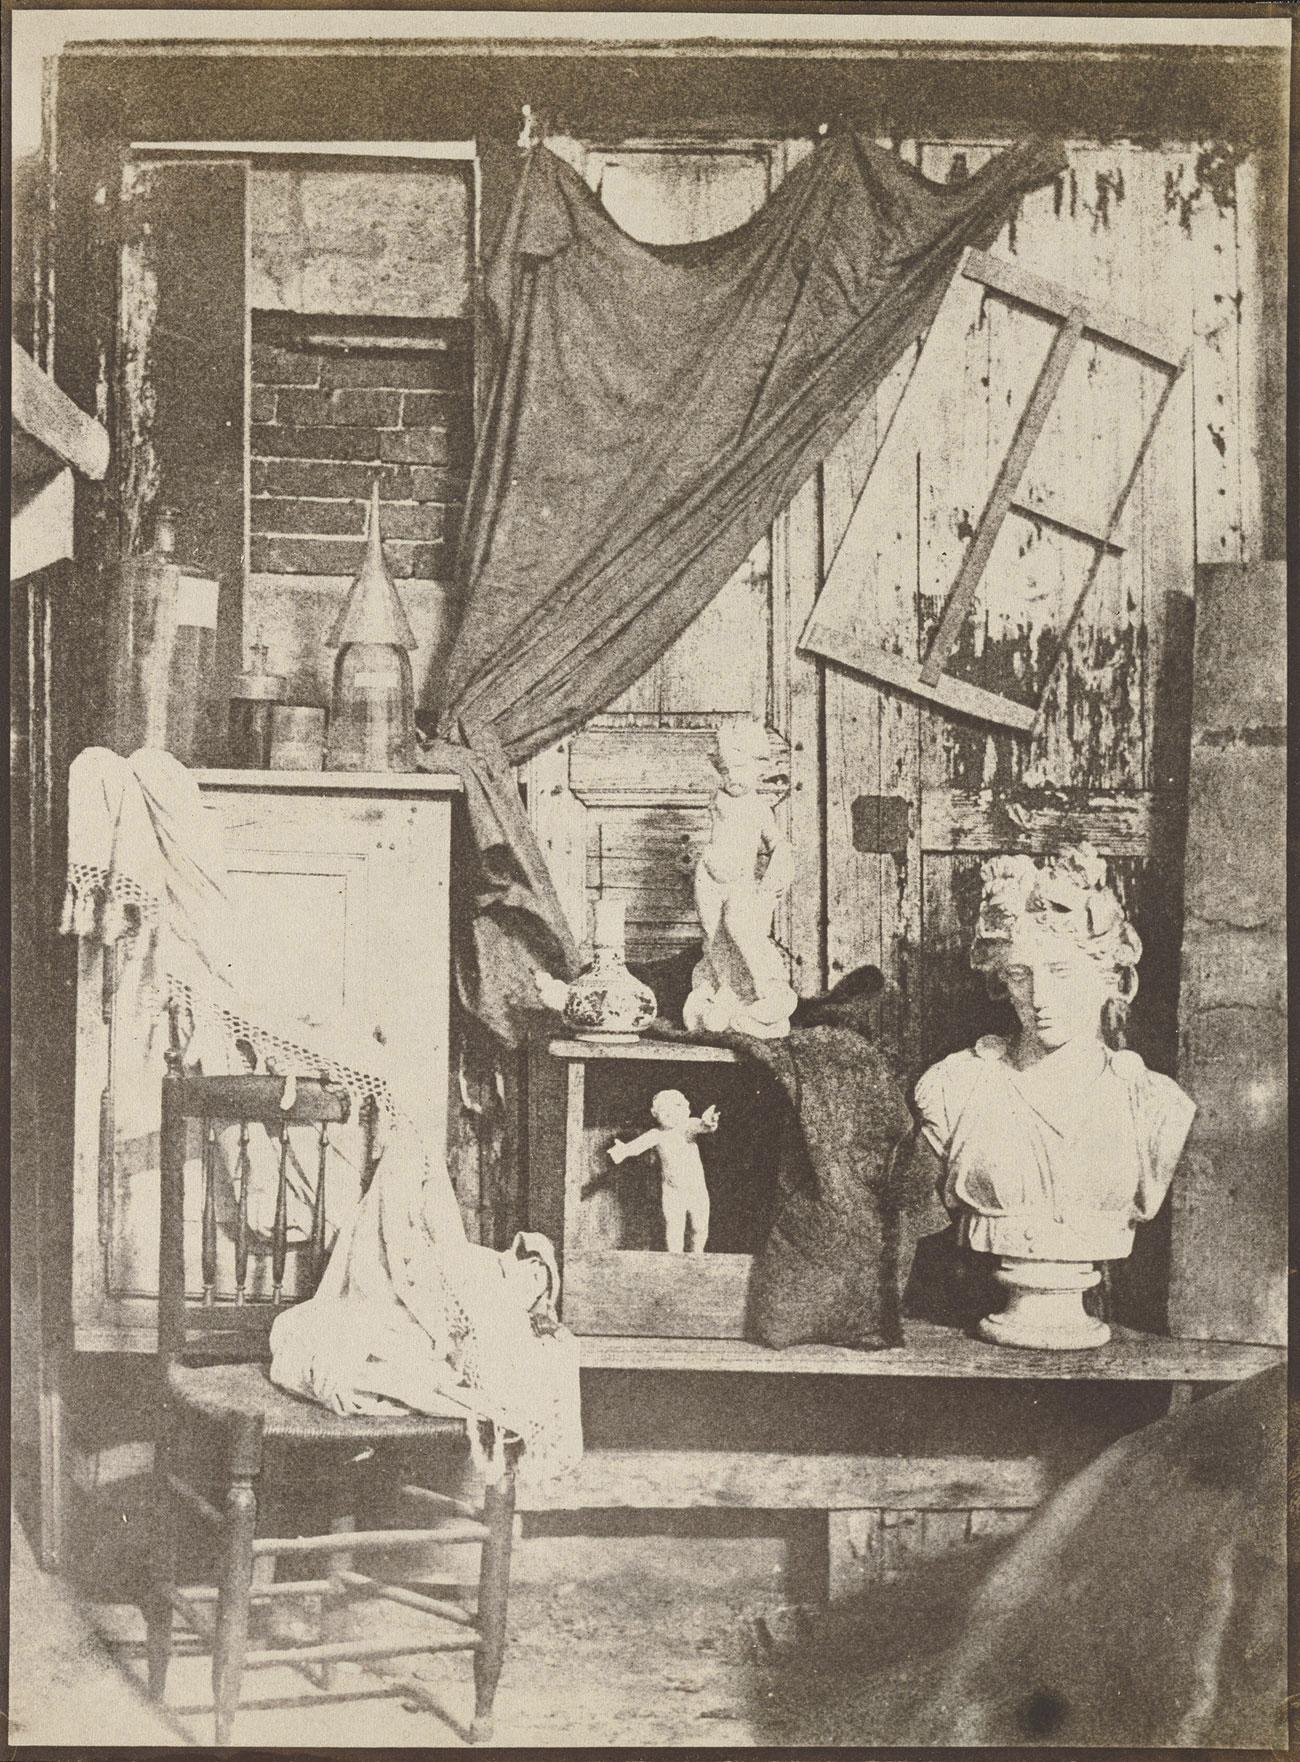 In the Studio of Bayard / Hippolyte Bayard